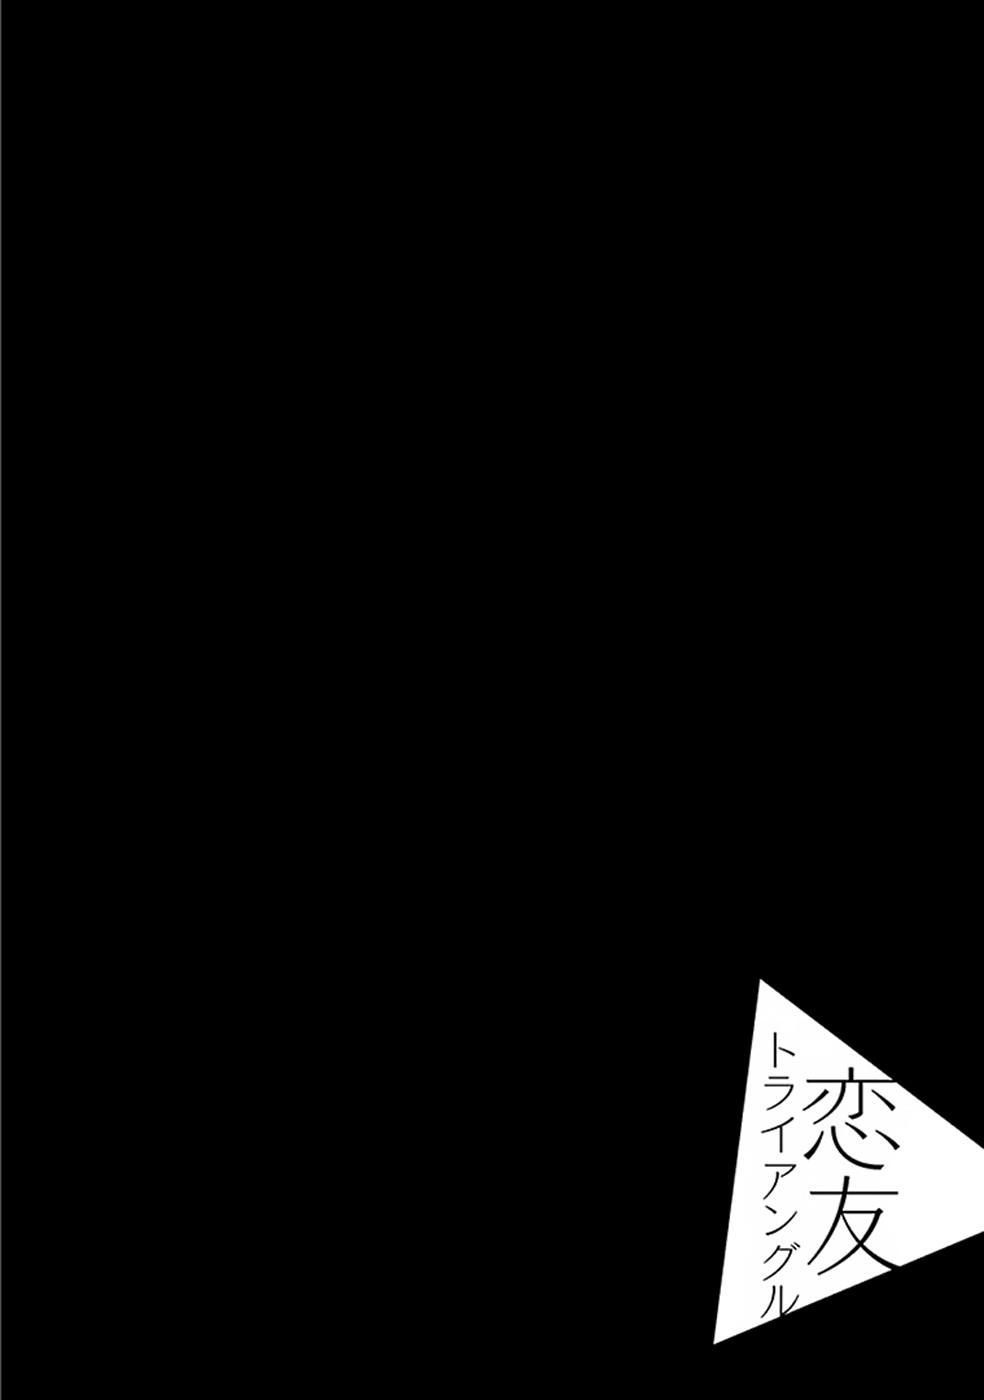 Koitomo Triangle 88